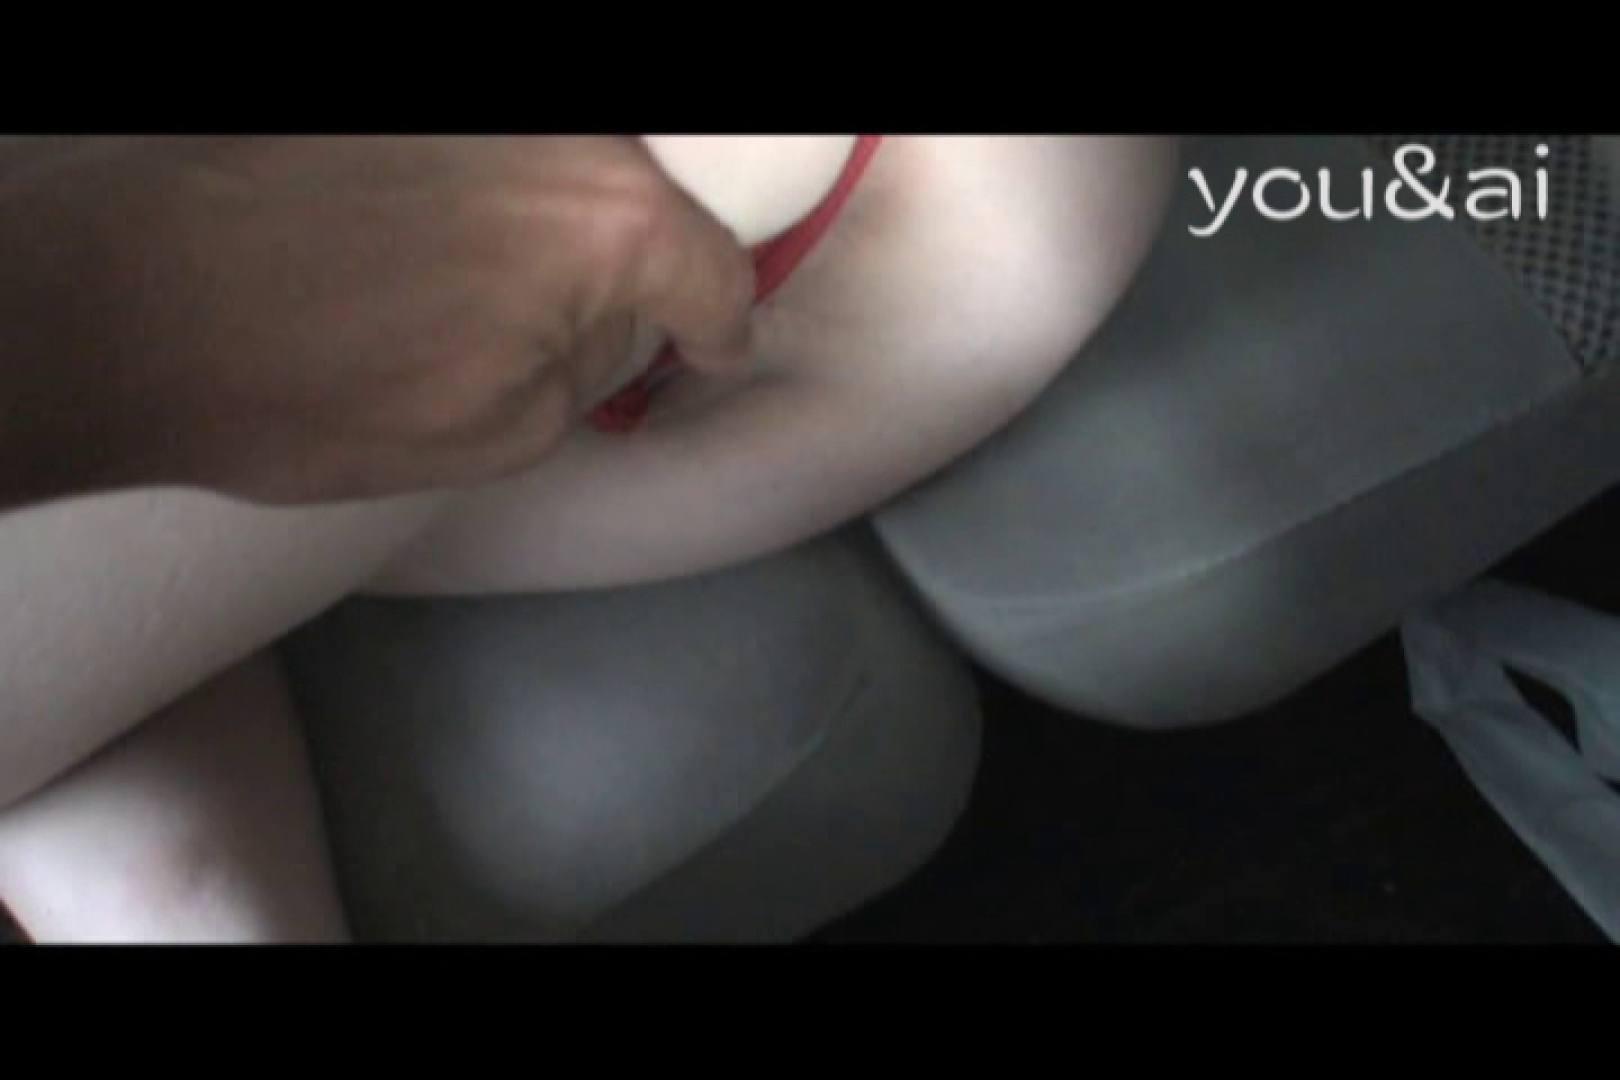 おしどり夫婦のyou&aiさん投稿作品vol.4 野外 オマンコ無修正動画無料 71pic 14